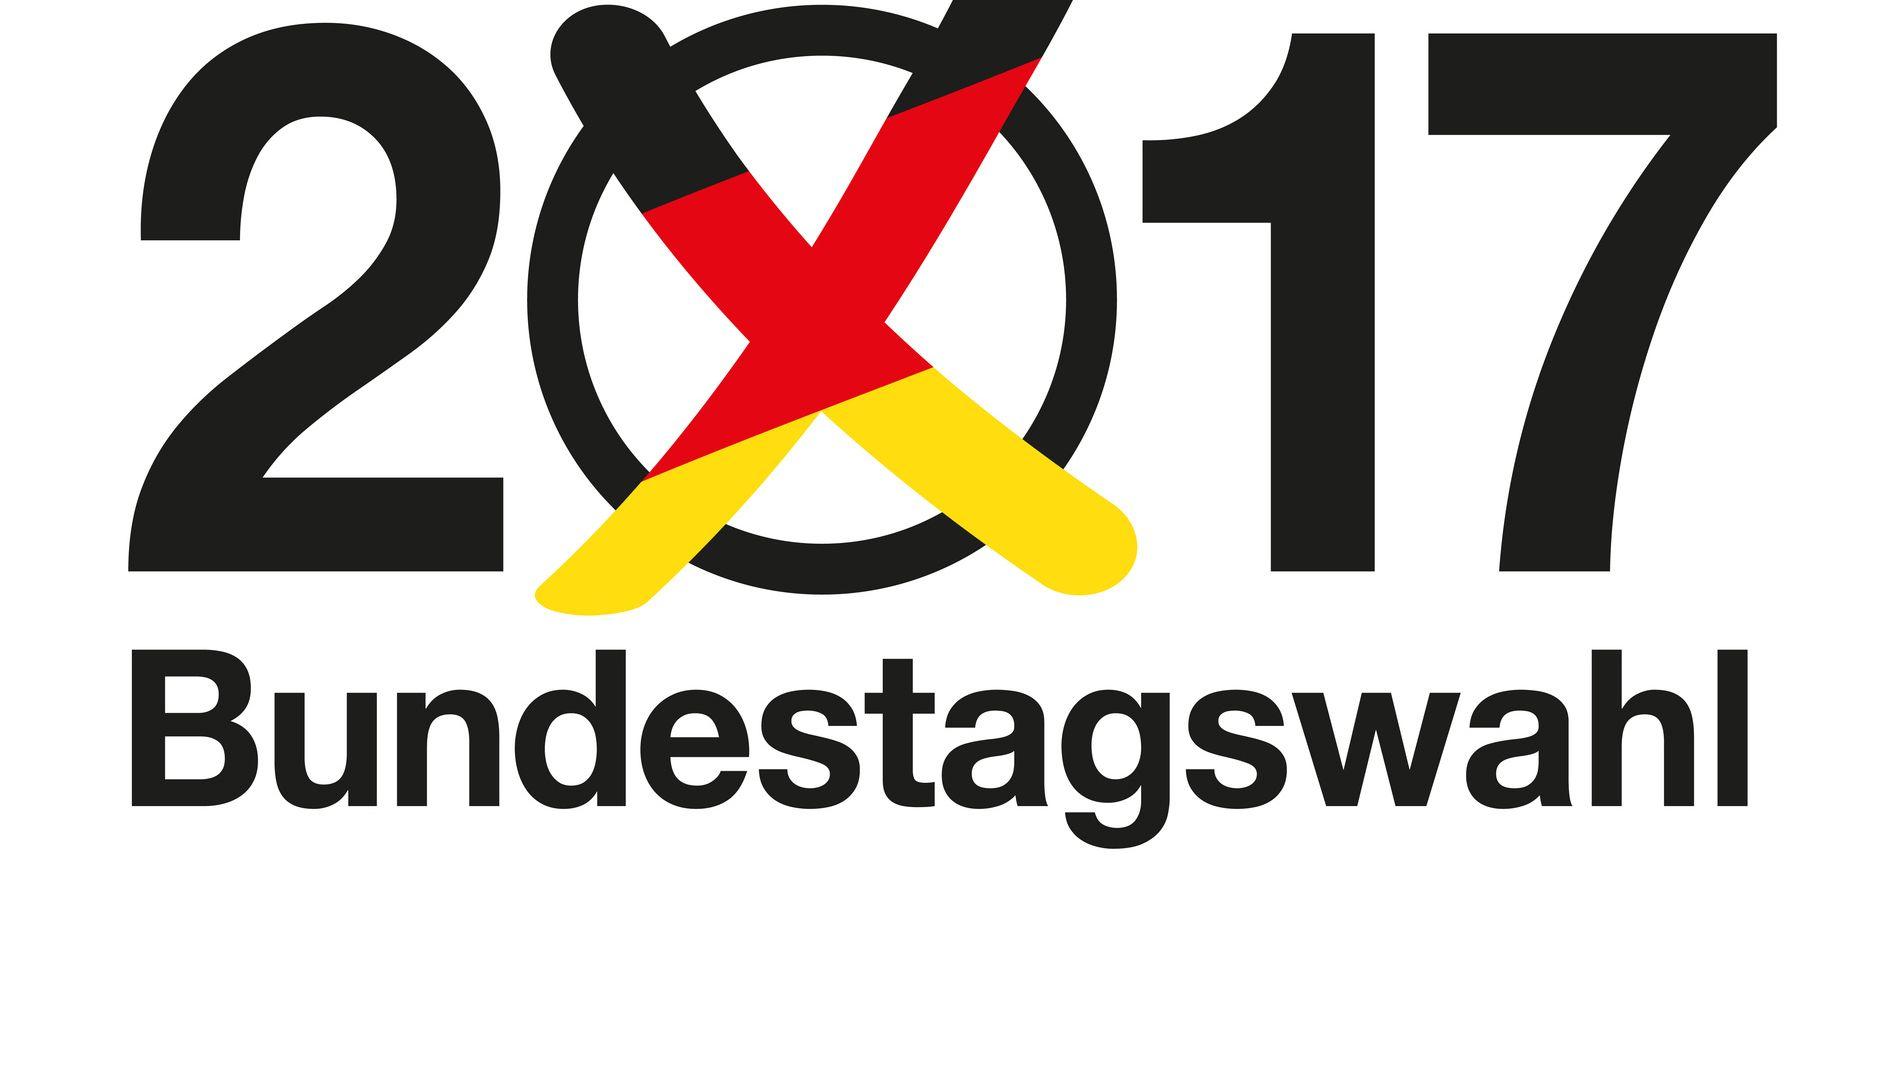 Bundestagswahl 2017 - Termin, Prognosen, Umfragen und Aktuelles